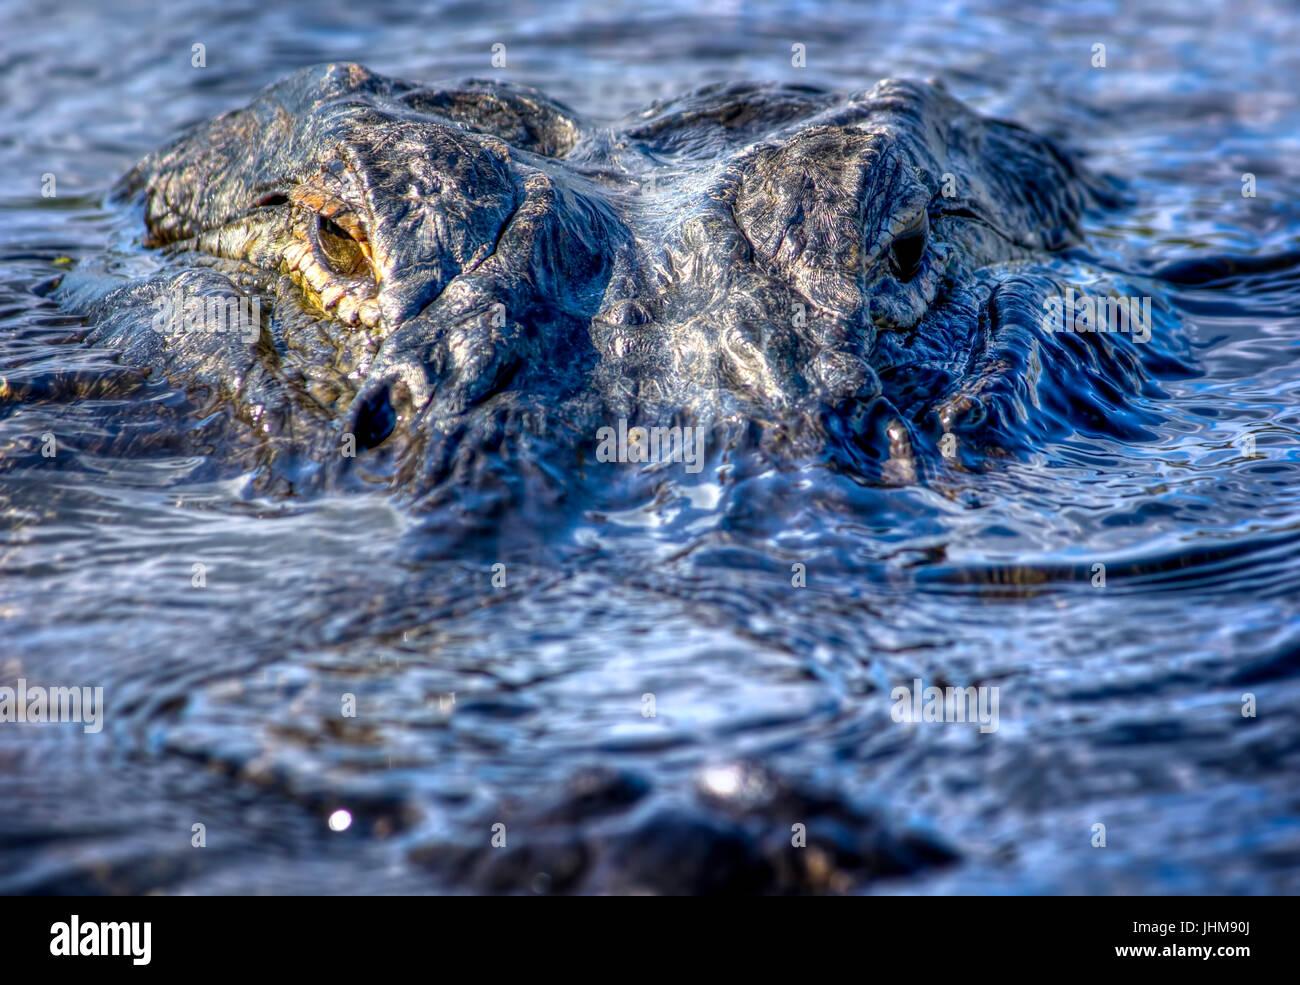 Un alligator de 12 pieds regarde directement dans la caméra dans les Everglades de Floride. Ce type d'alligator Photo Stock